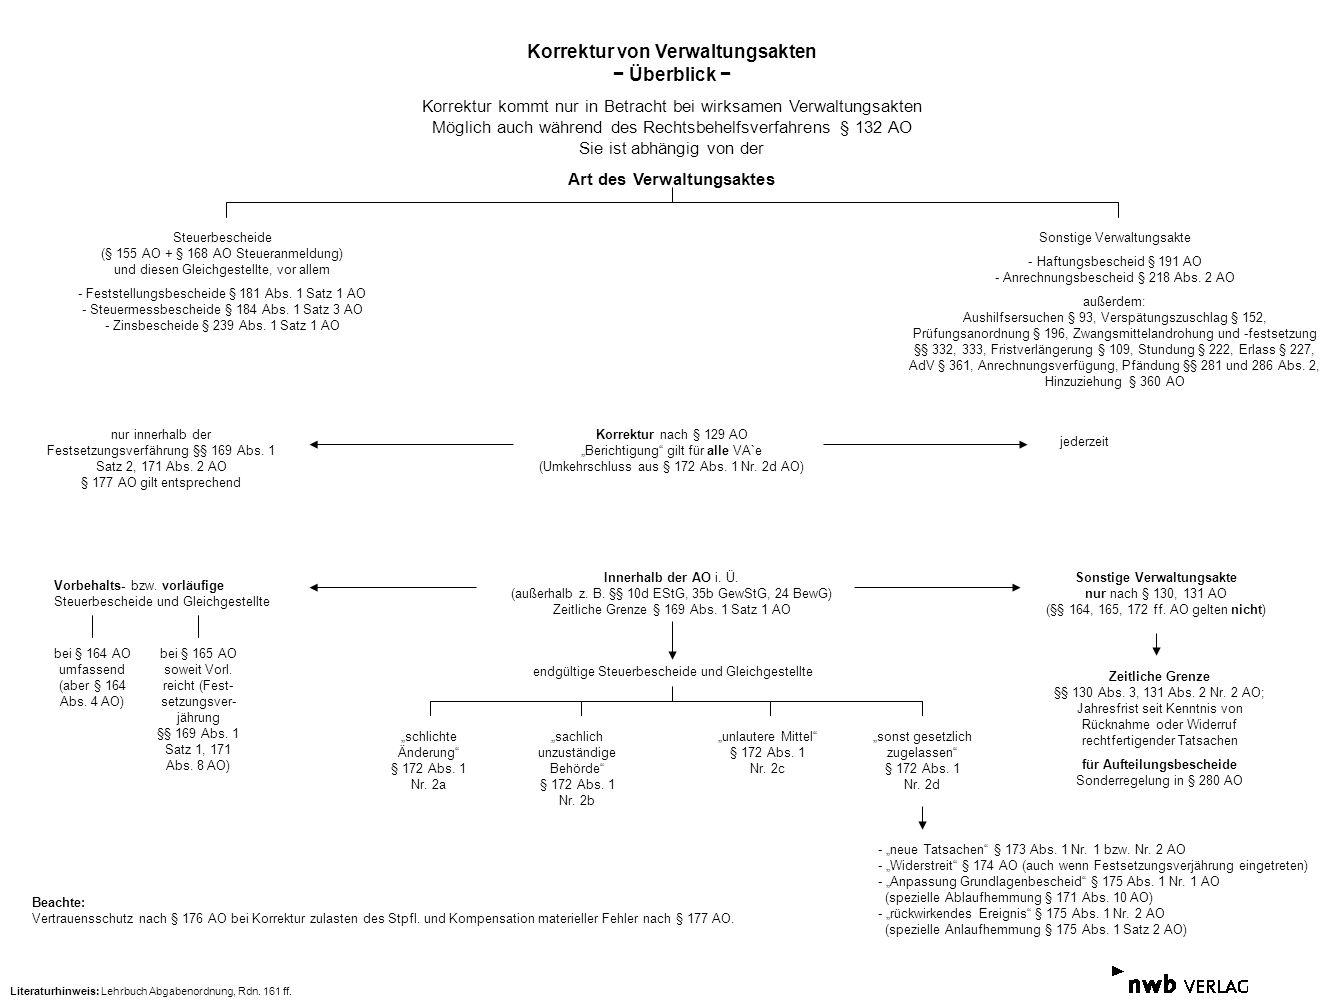 Korrektur von Verwaltungsakten − Überblick − Art des Verwaltungsaktes